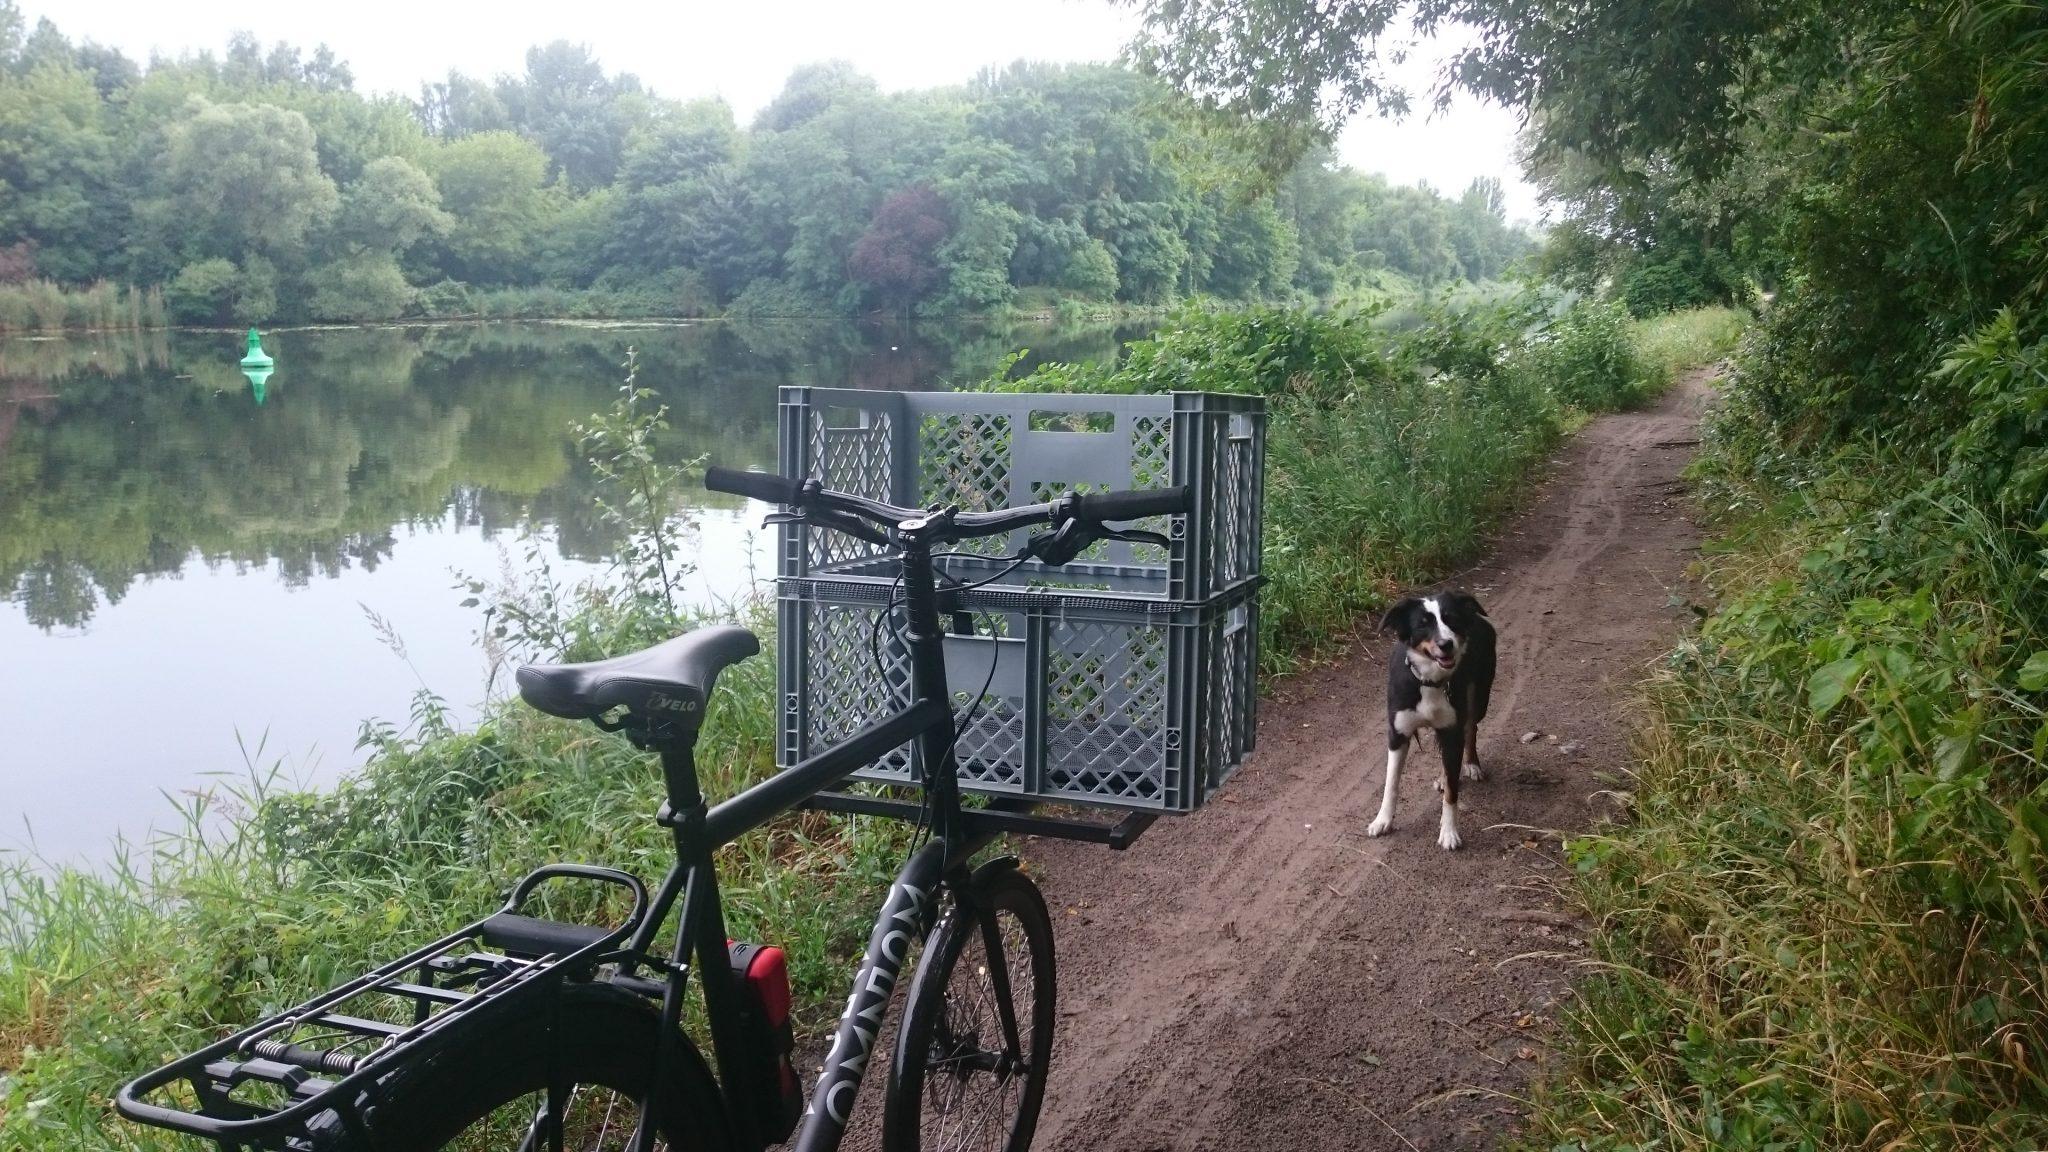 mehrtägige Fahrradtour mit Hund Fahrradfahren mit Hund